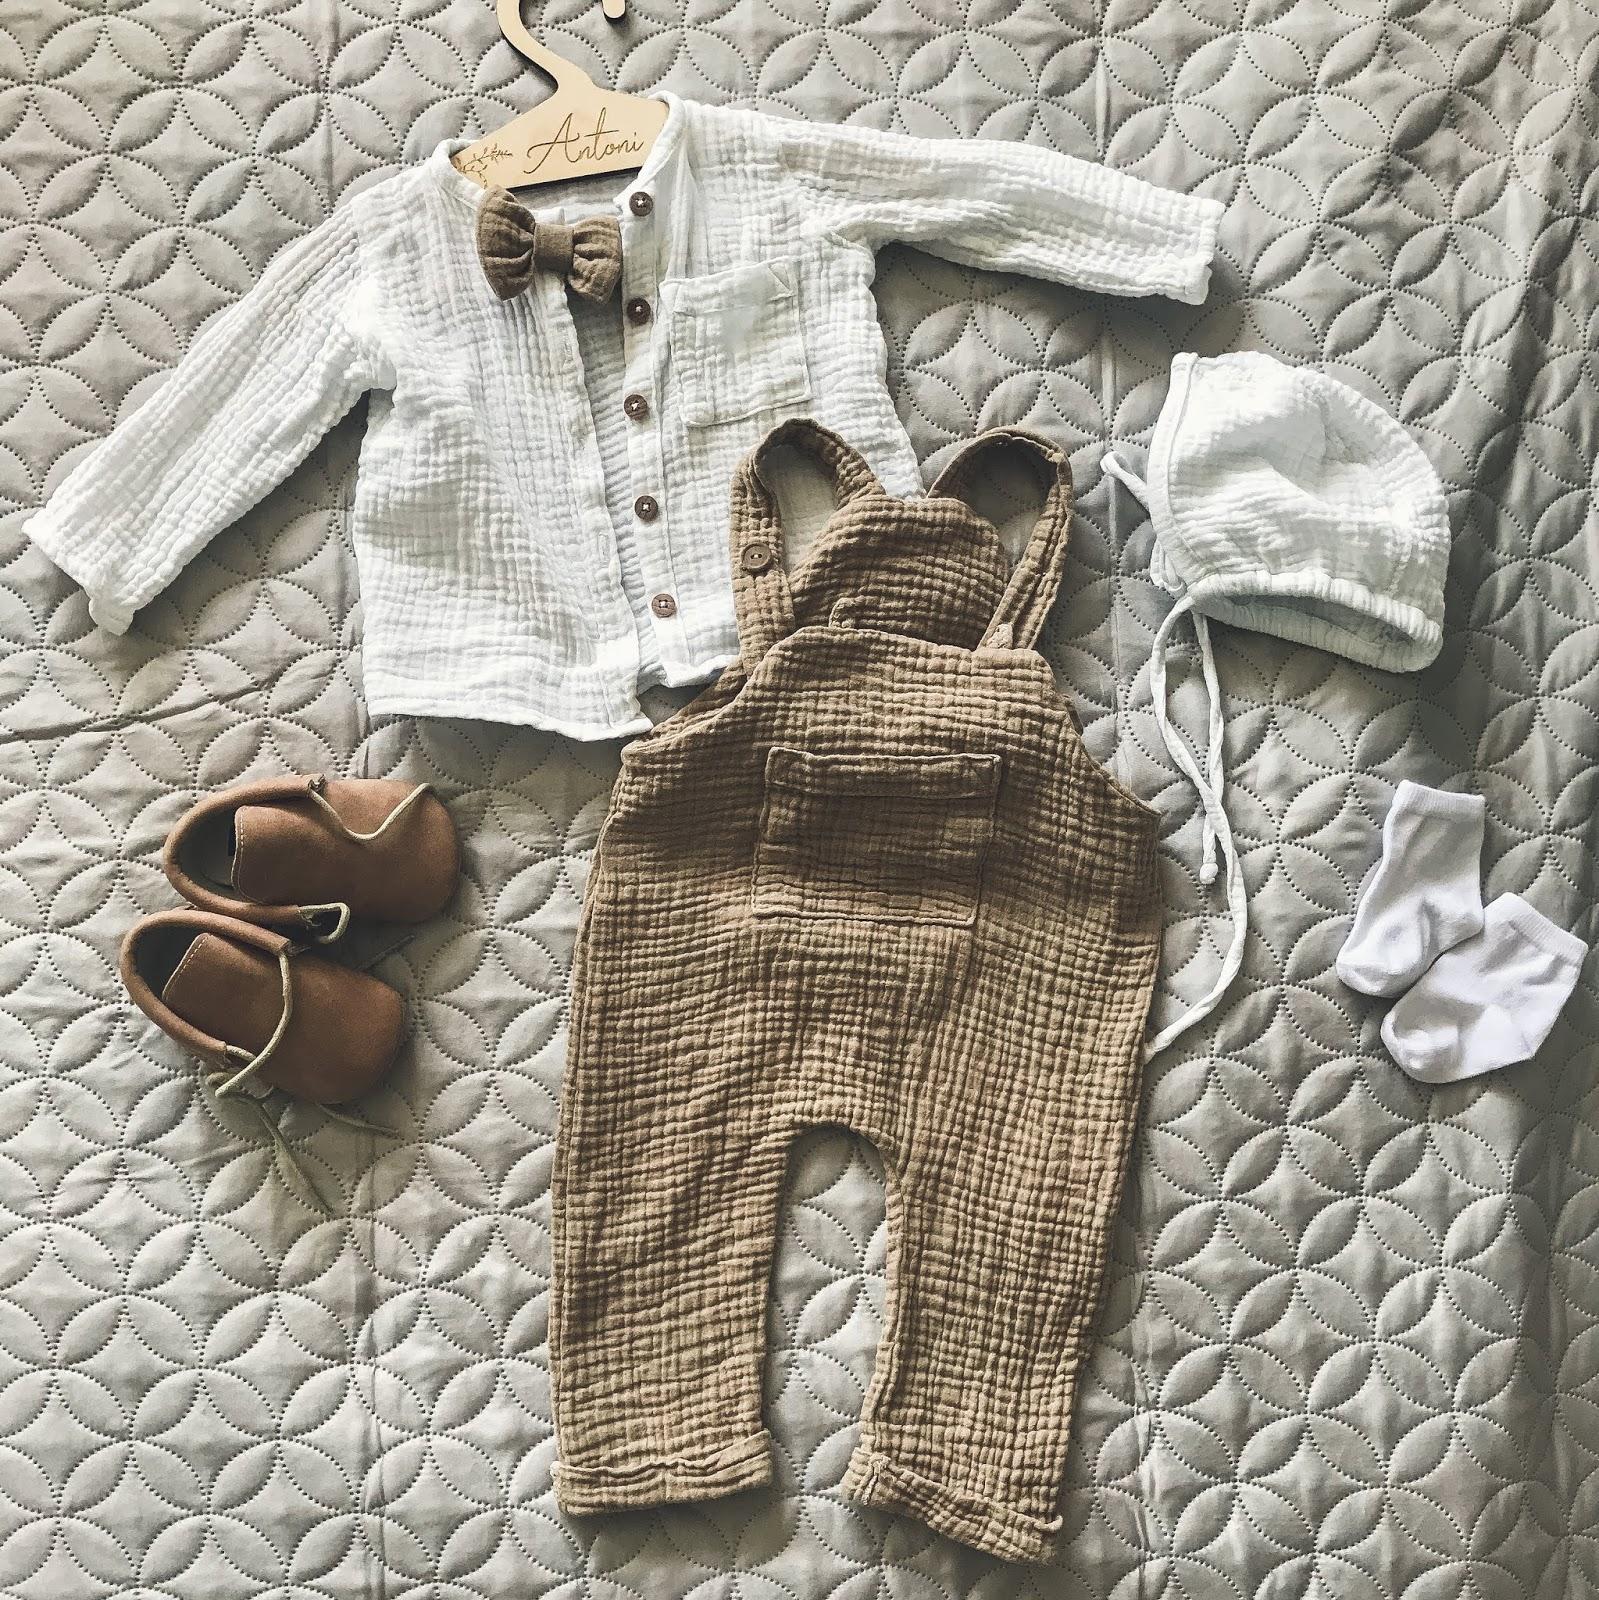 dziecko maluszek ubranko